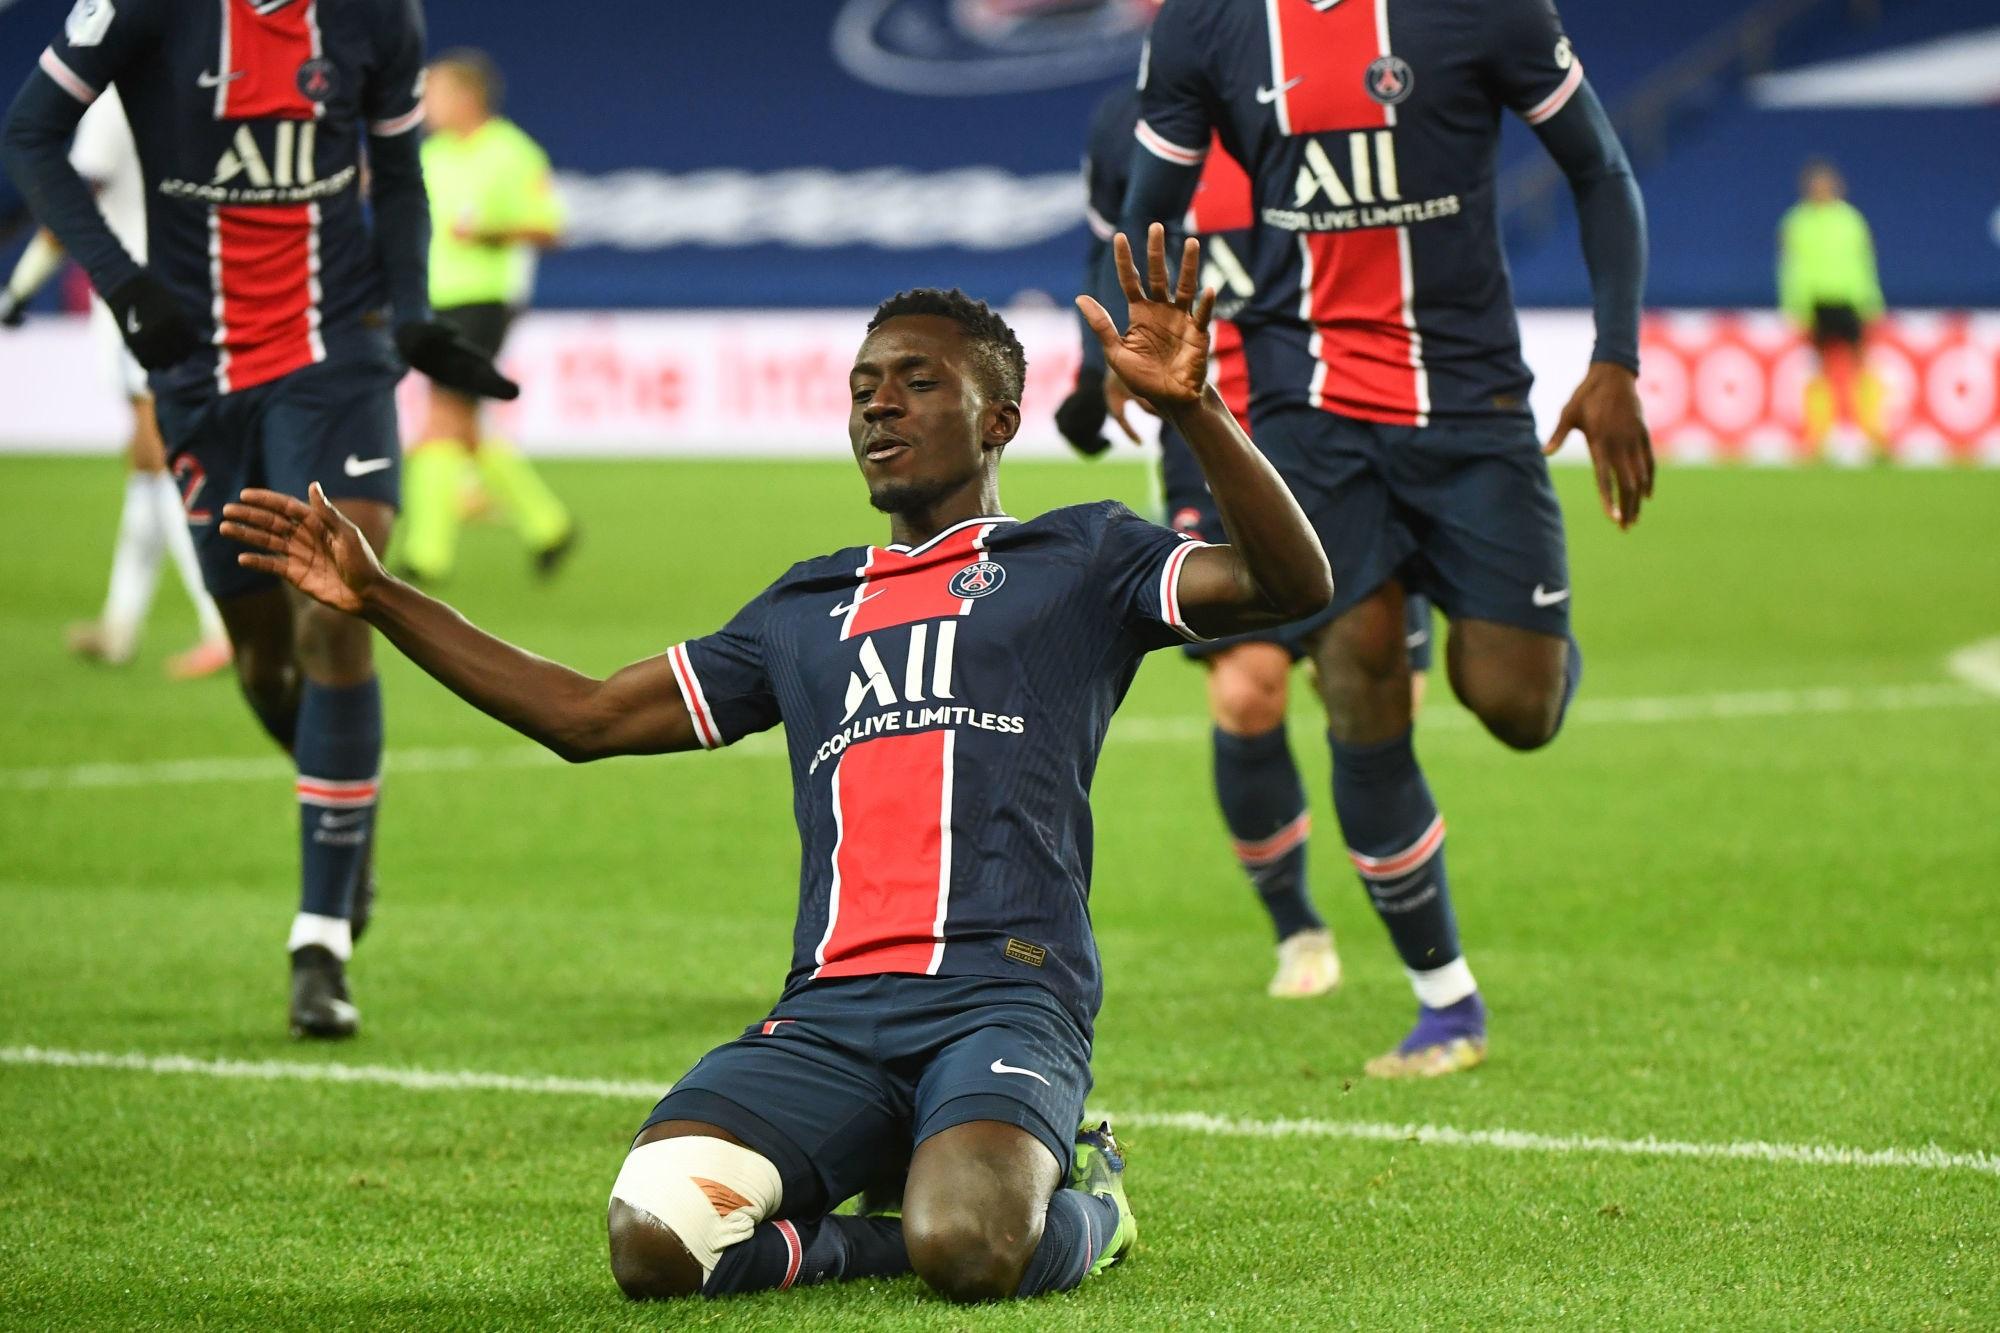 PSG/Strasbourg - Gueye revient sur la belle victoire et laisse le suspense pour son avenir